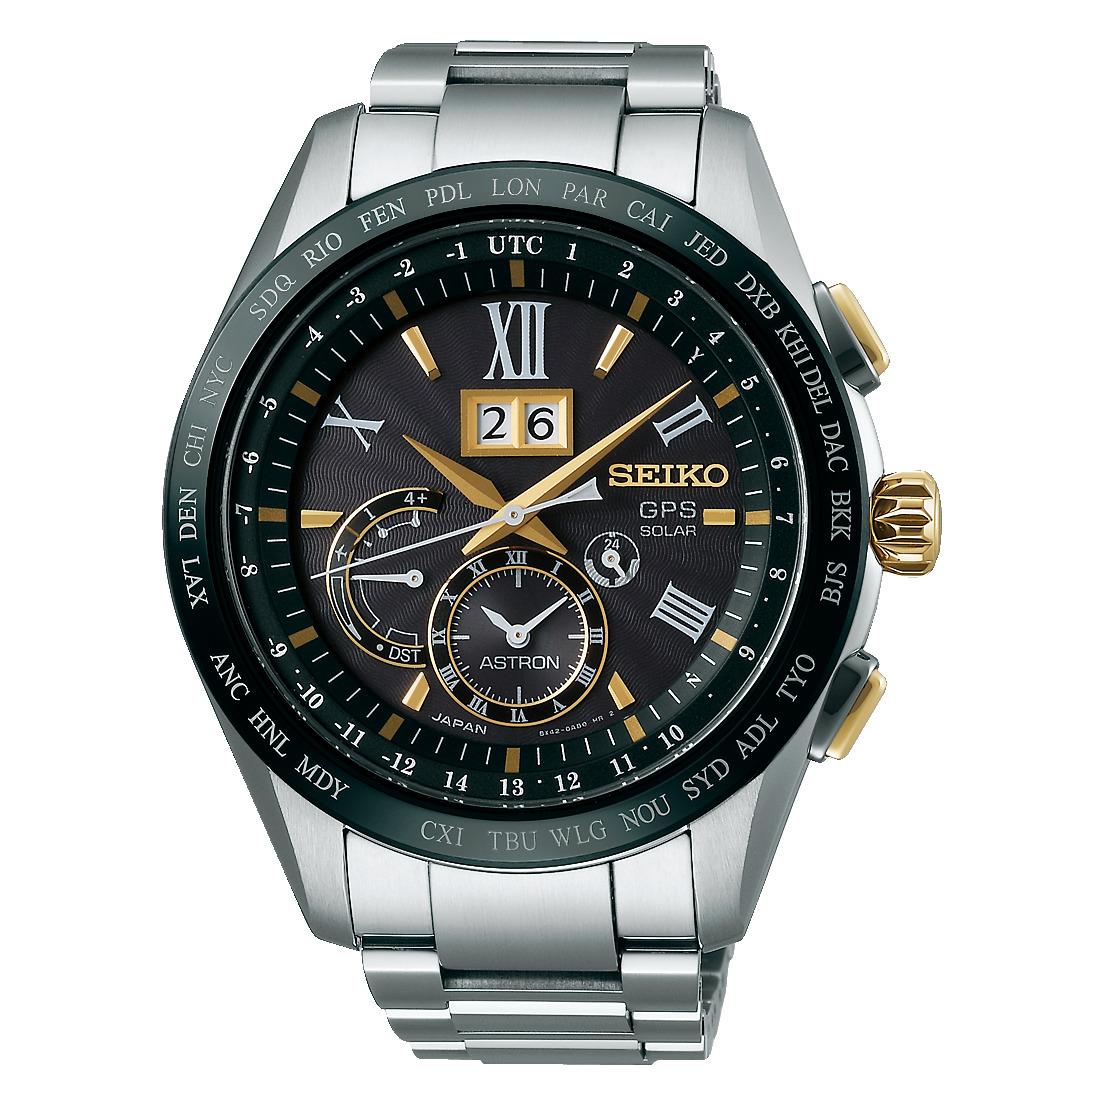 アストロン ASTRON セイコー SEIKO SBXB139 GPSソーラー ビッグデイト チタンモデル 正規品 腕時計